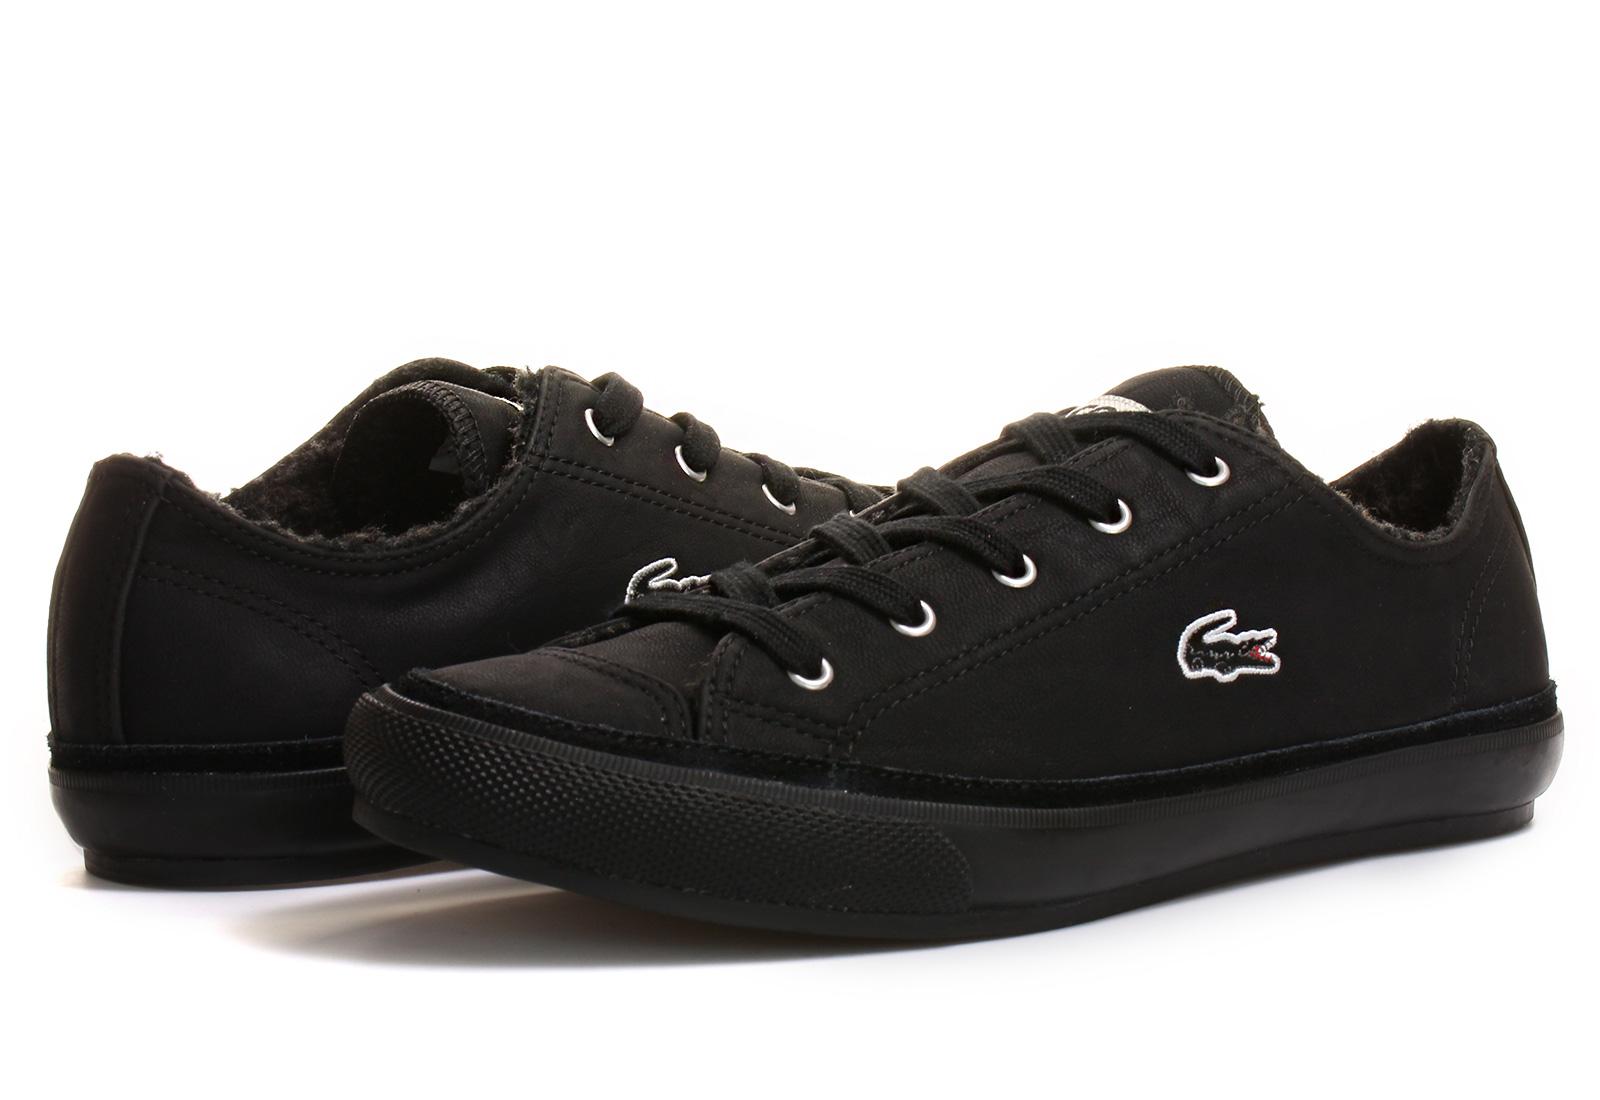 lacoste shoes fairburn 133srw0116024 online shop